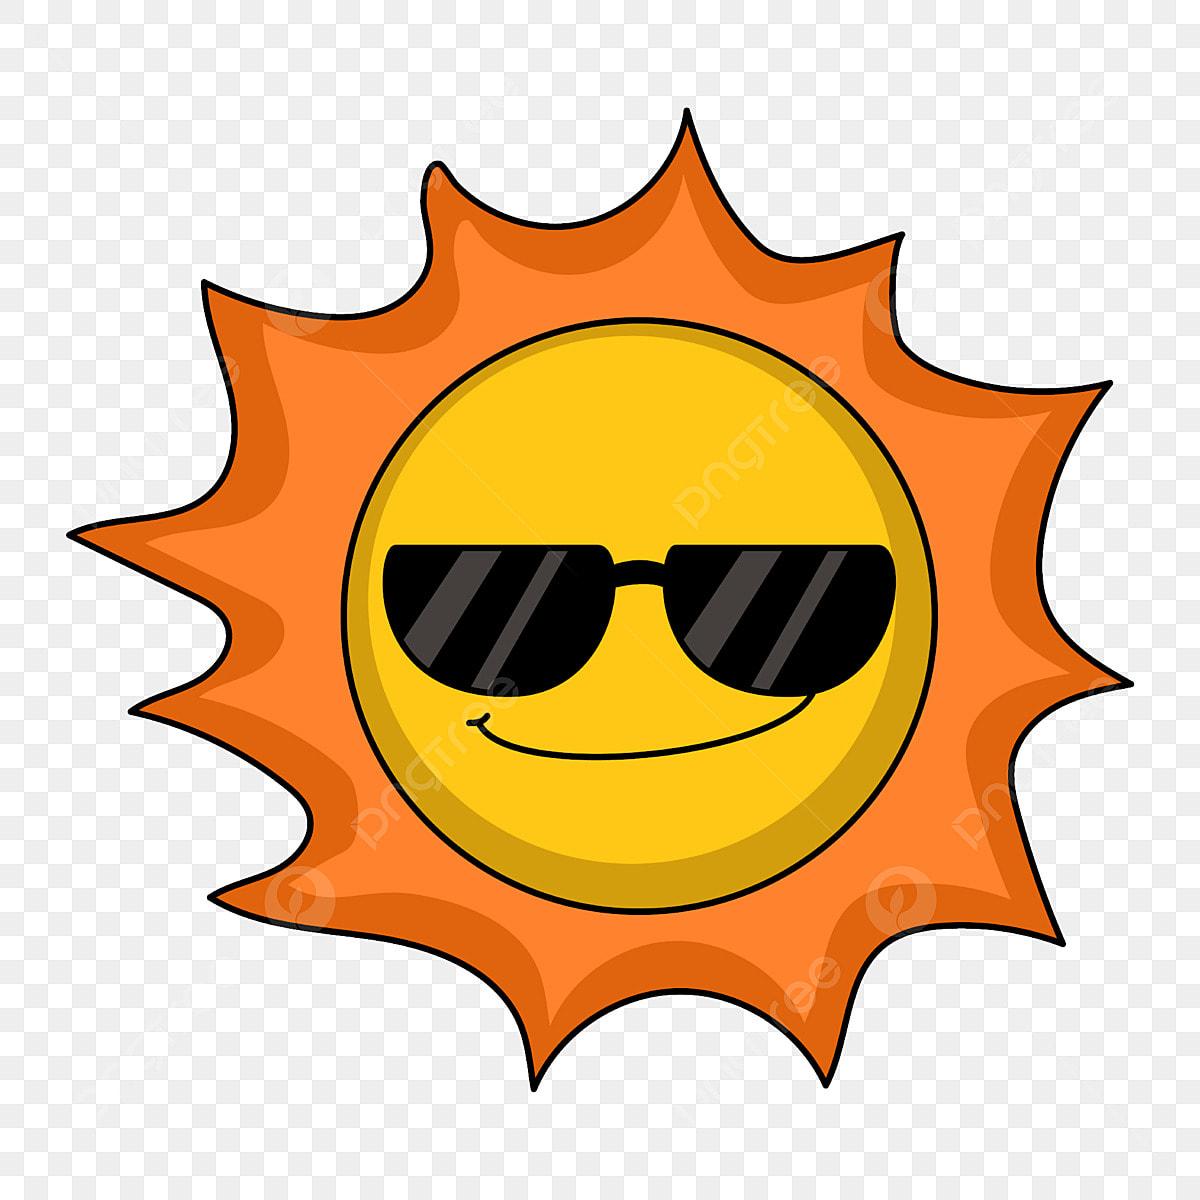 Le Soleil D Ete De L Ile De Dessin Clipart Soleil Soleil Ete Png Et Vecteur Pour Telechargement Gratuit